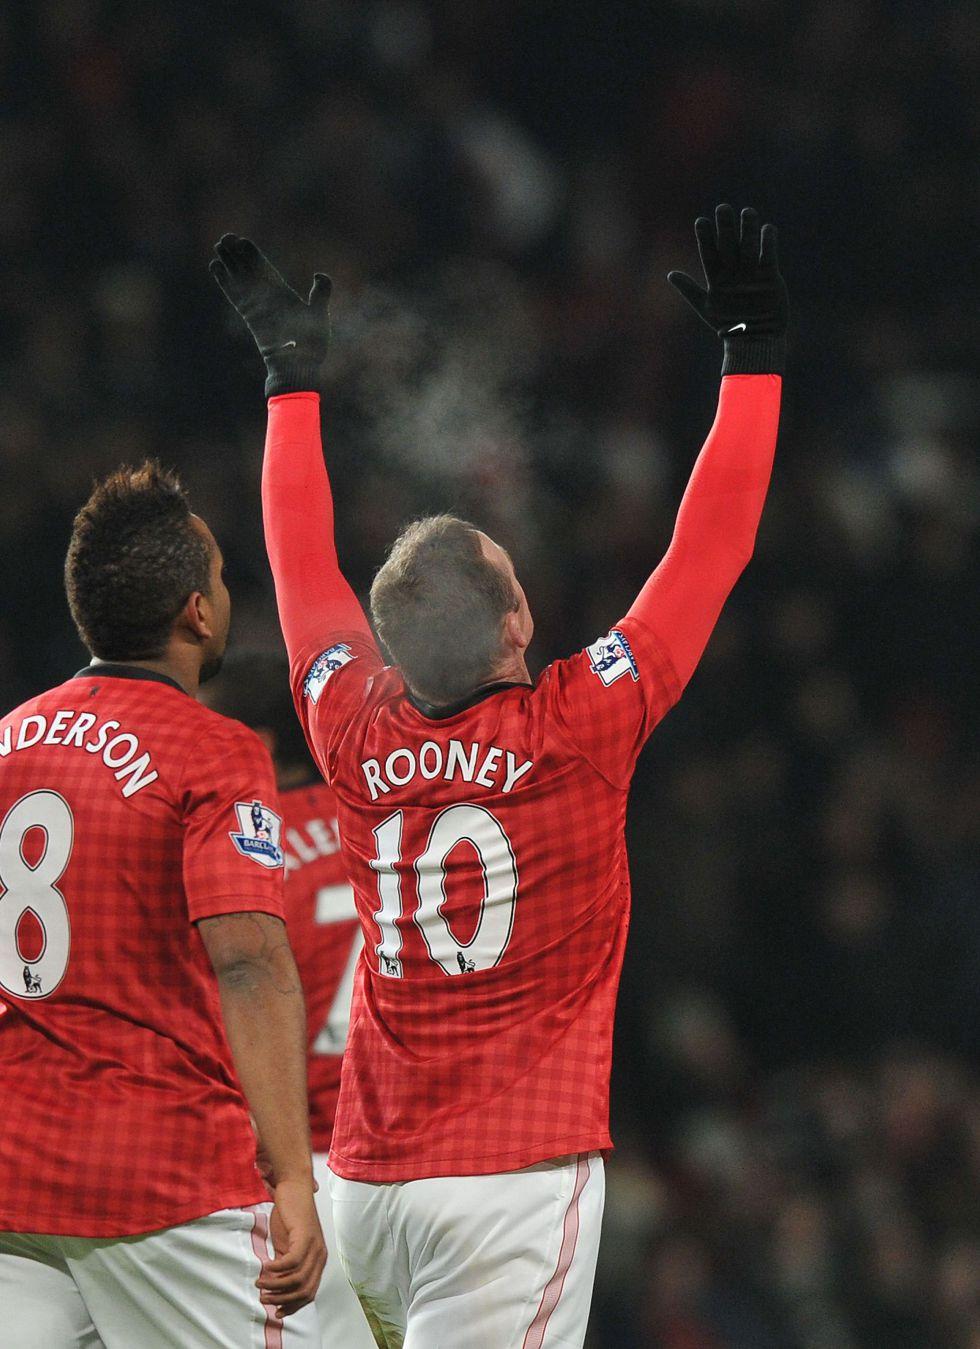 El Manchester gana con Rooney de vuelta y poco más